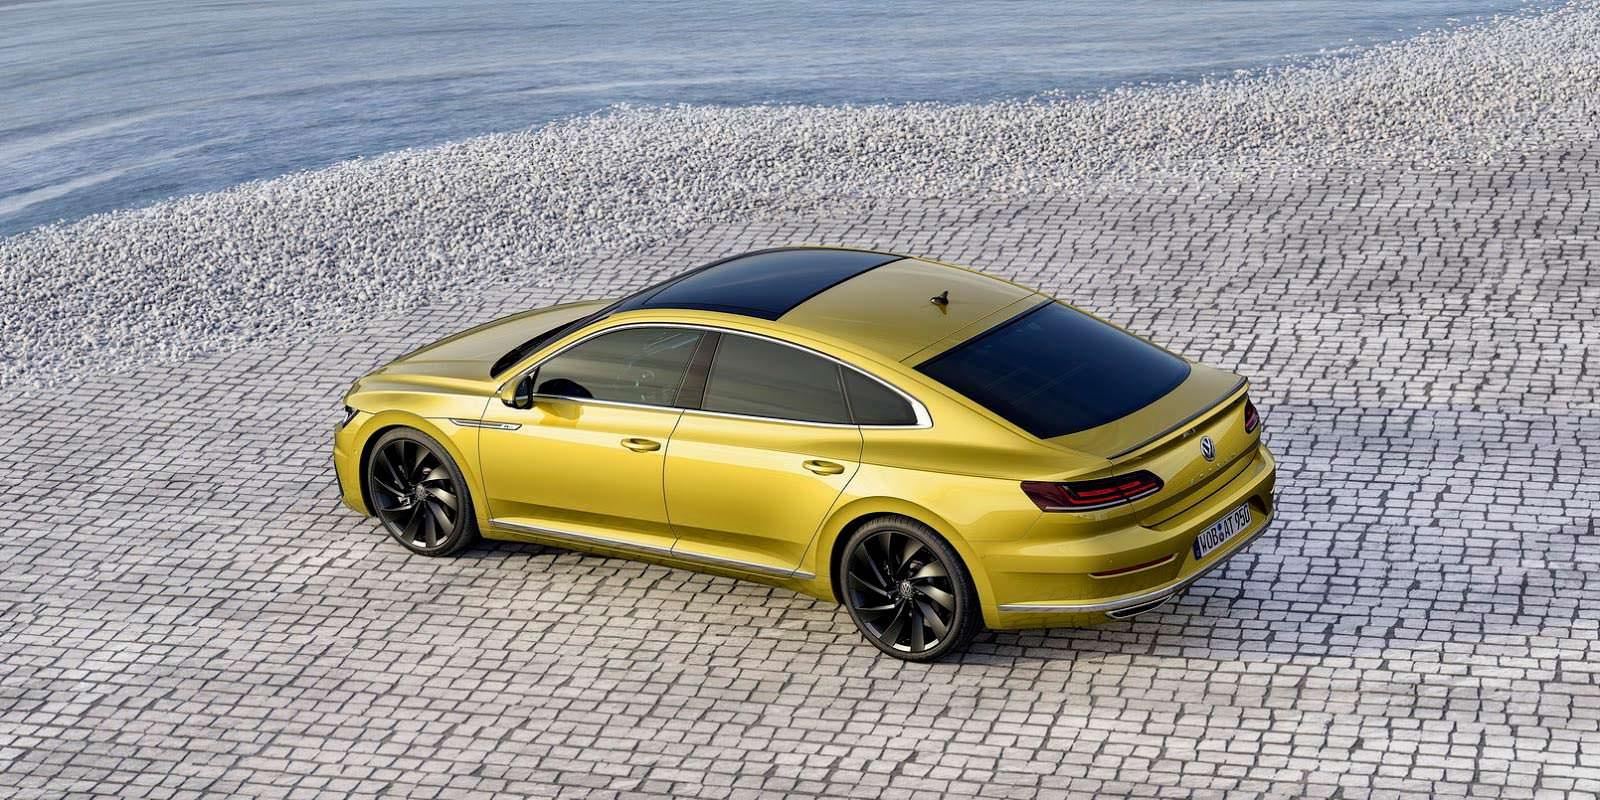 Купеобразный седан Volkswagen Arteon